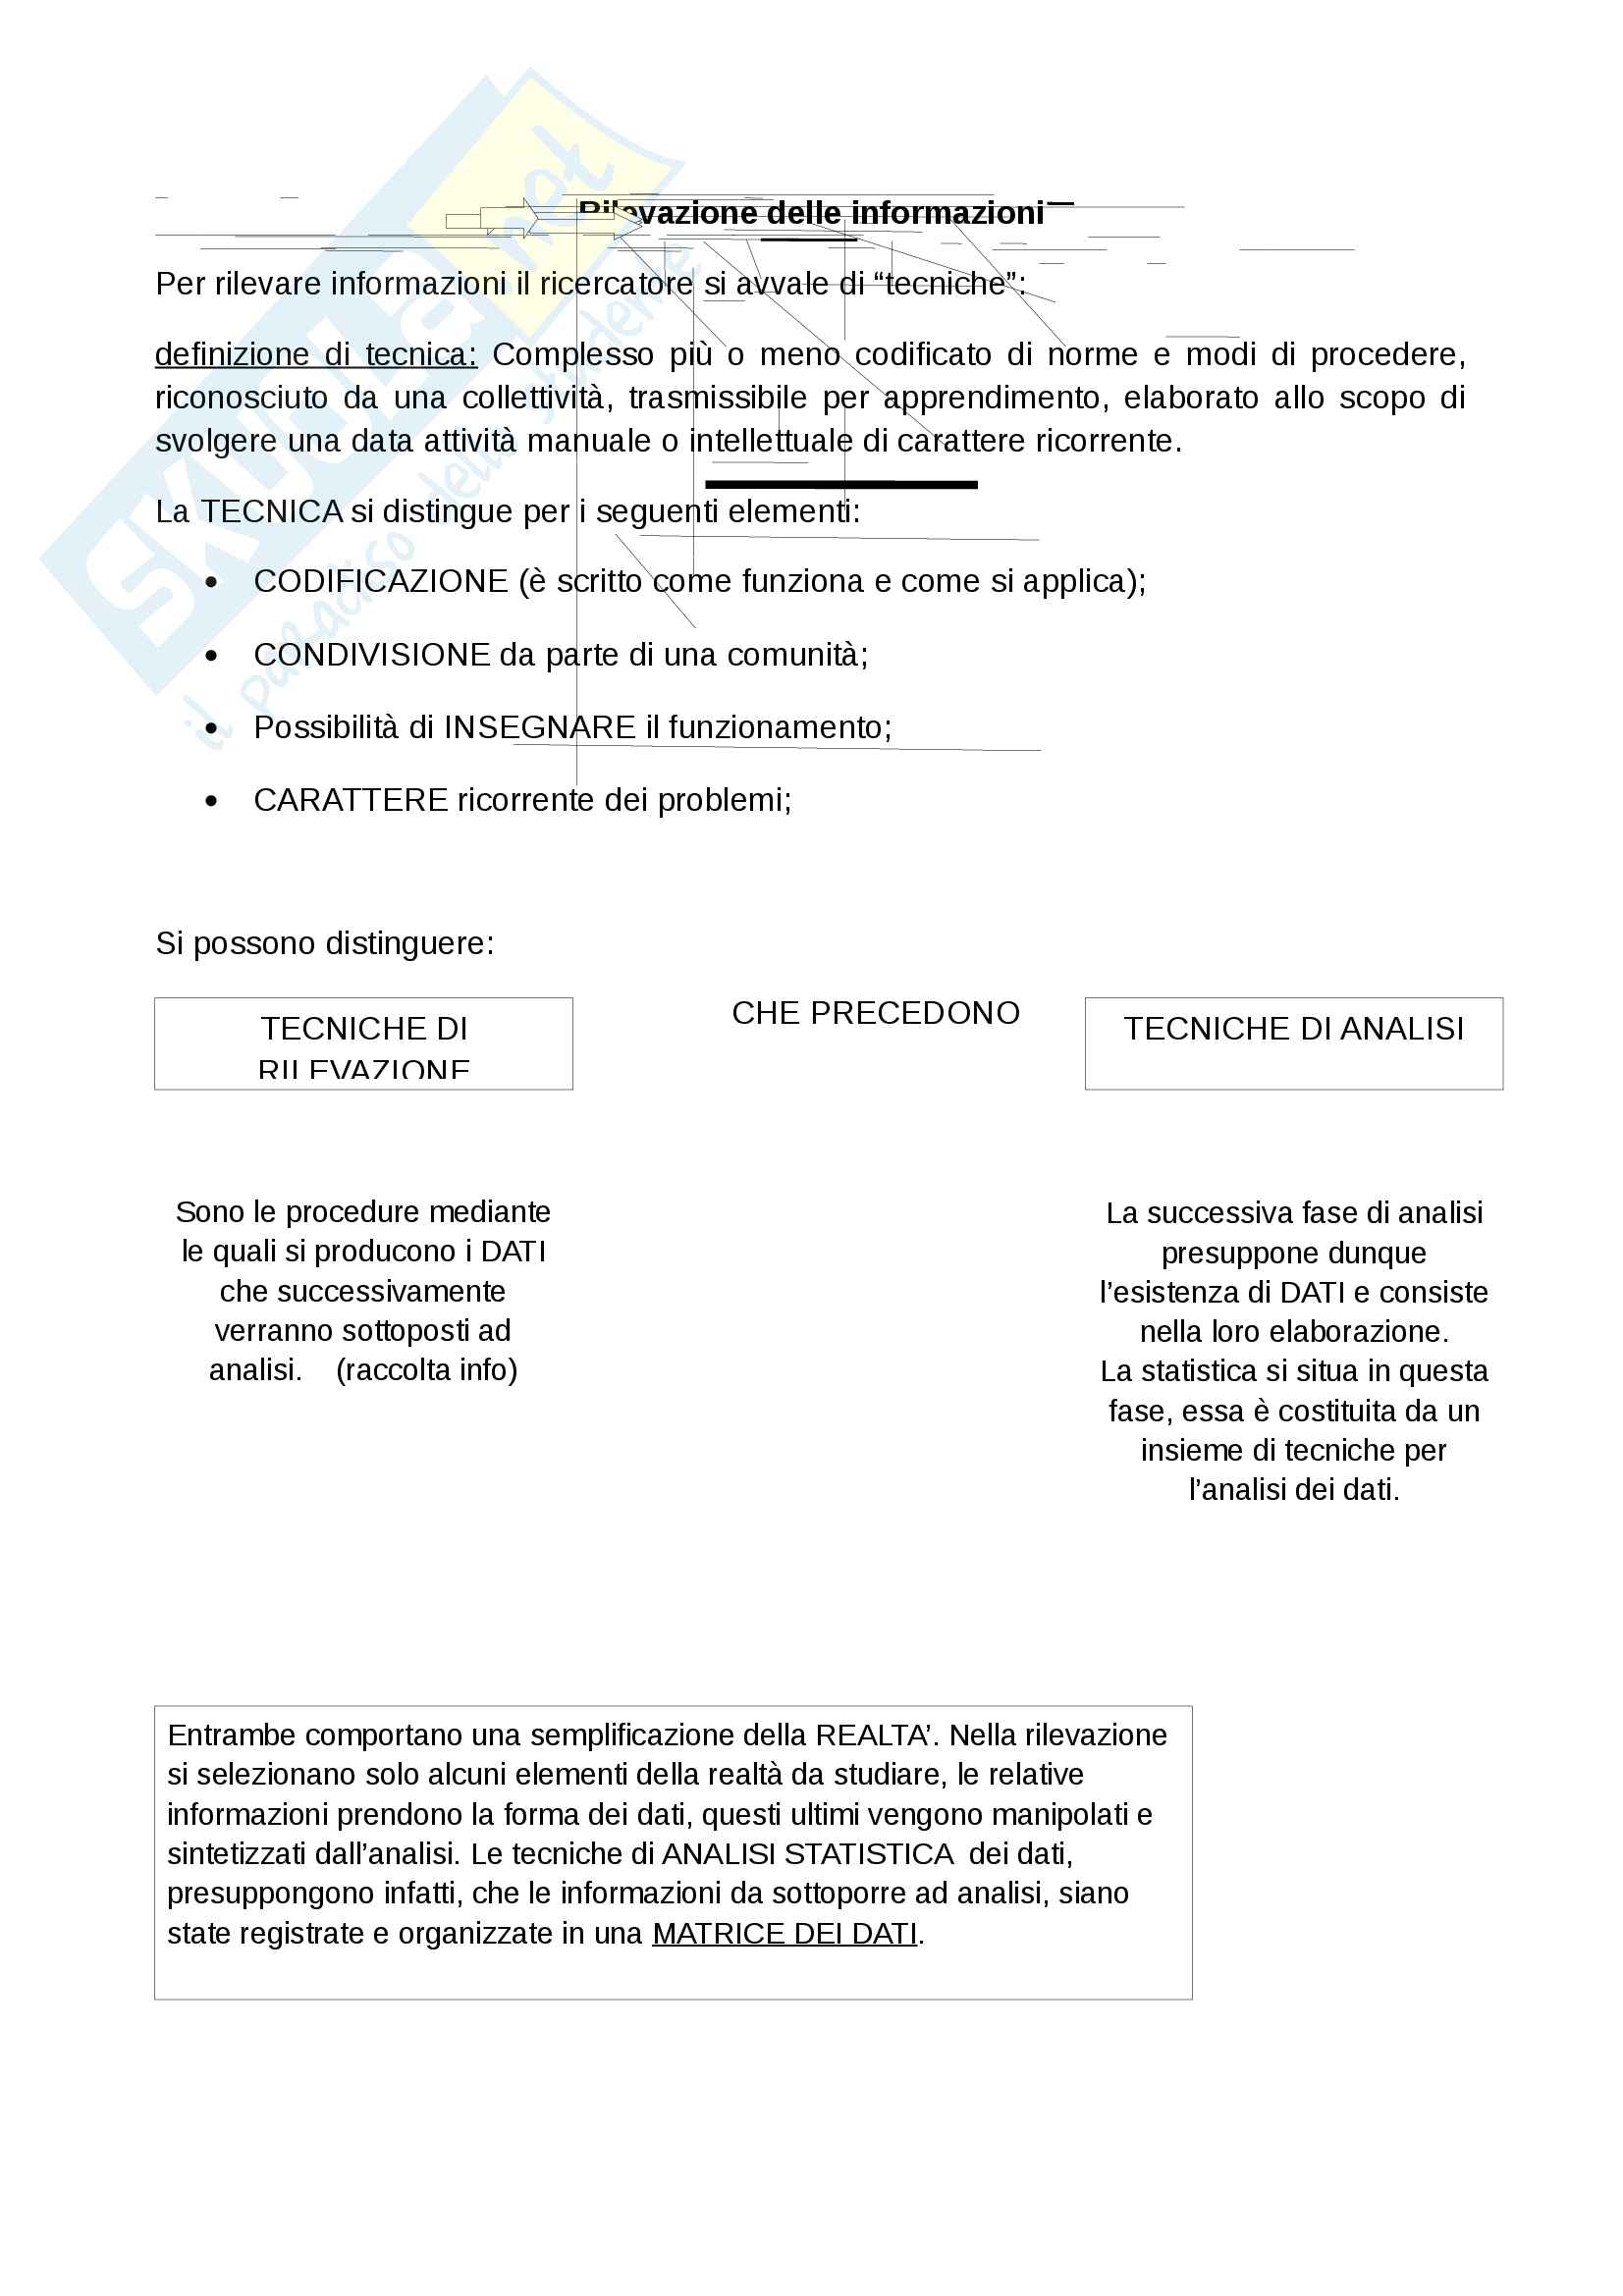 """Riassunto esame statistica, docente Bove, libro consigliato """"Statistica per la ricerca sociale"""", autori: Corbetta, Gasperoni, Pisati"""